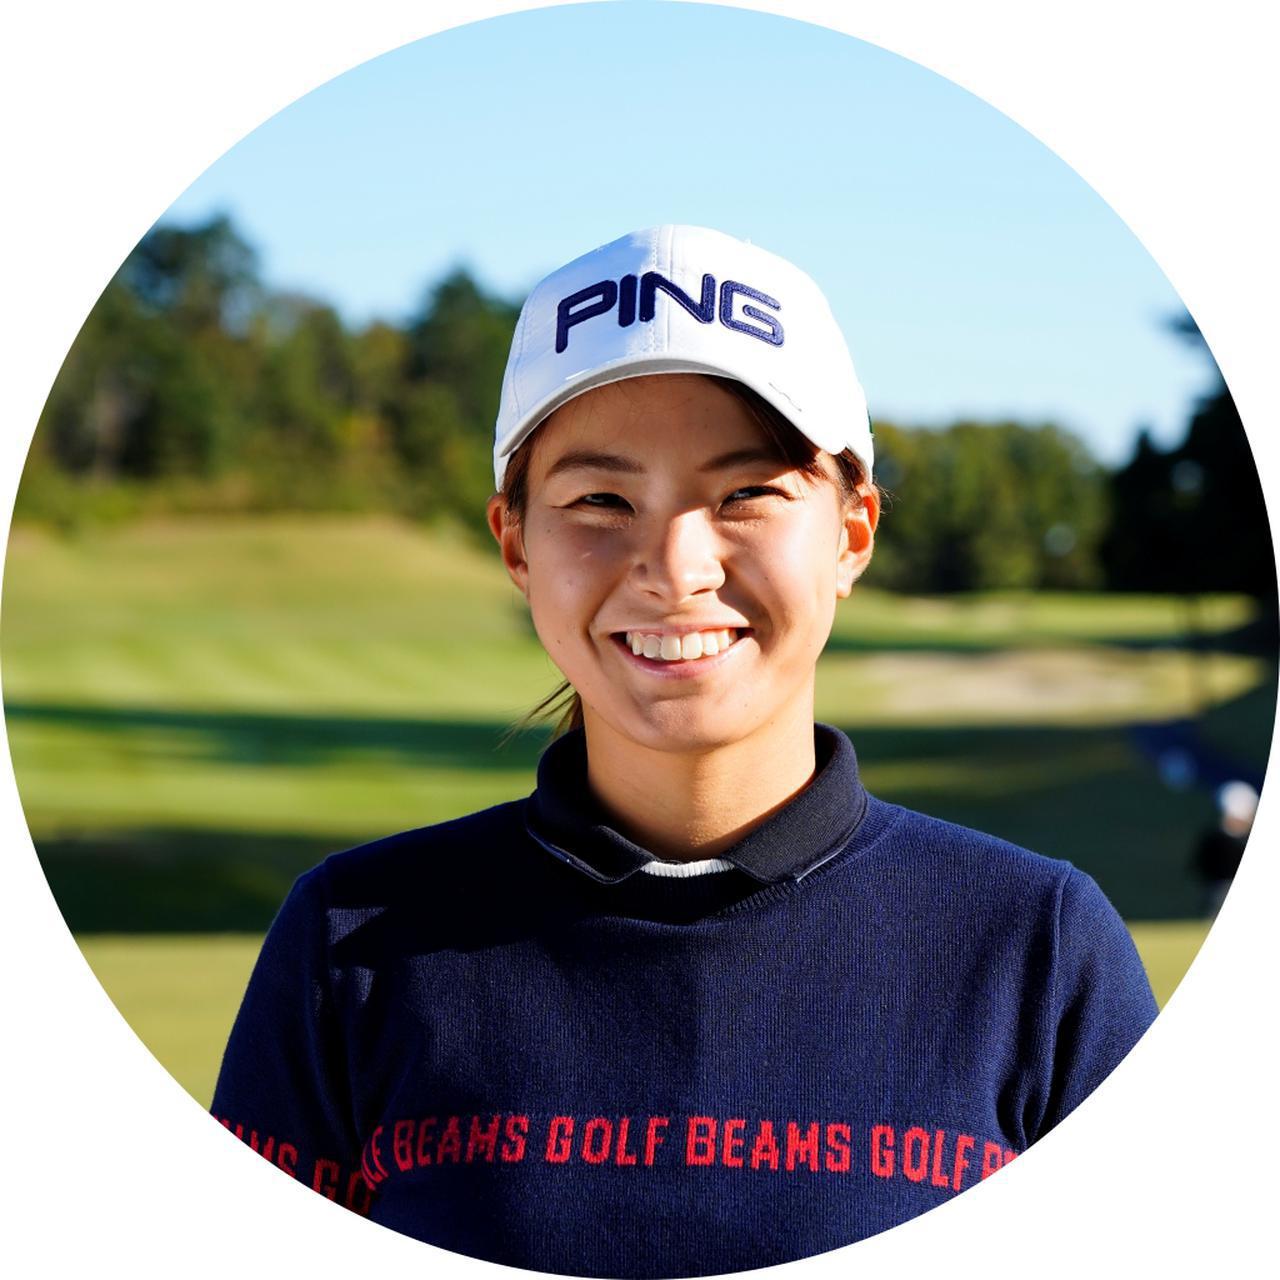 画像: 渋野日向子 1998年生まれ。レギュラーツアーに本格参戦した昨年、いきなり全米女子オープンで優勝。一躍スターダムへ駆けあがる。その後も勝利を重ね、日本ツアー4勝。賞金ランクは2位